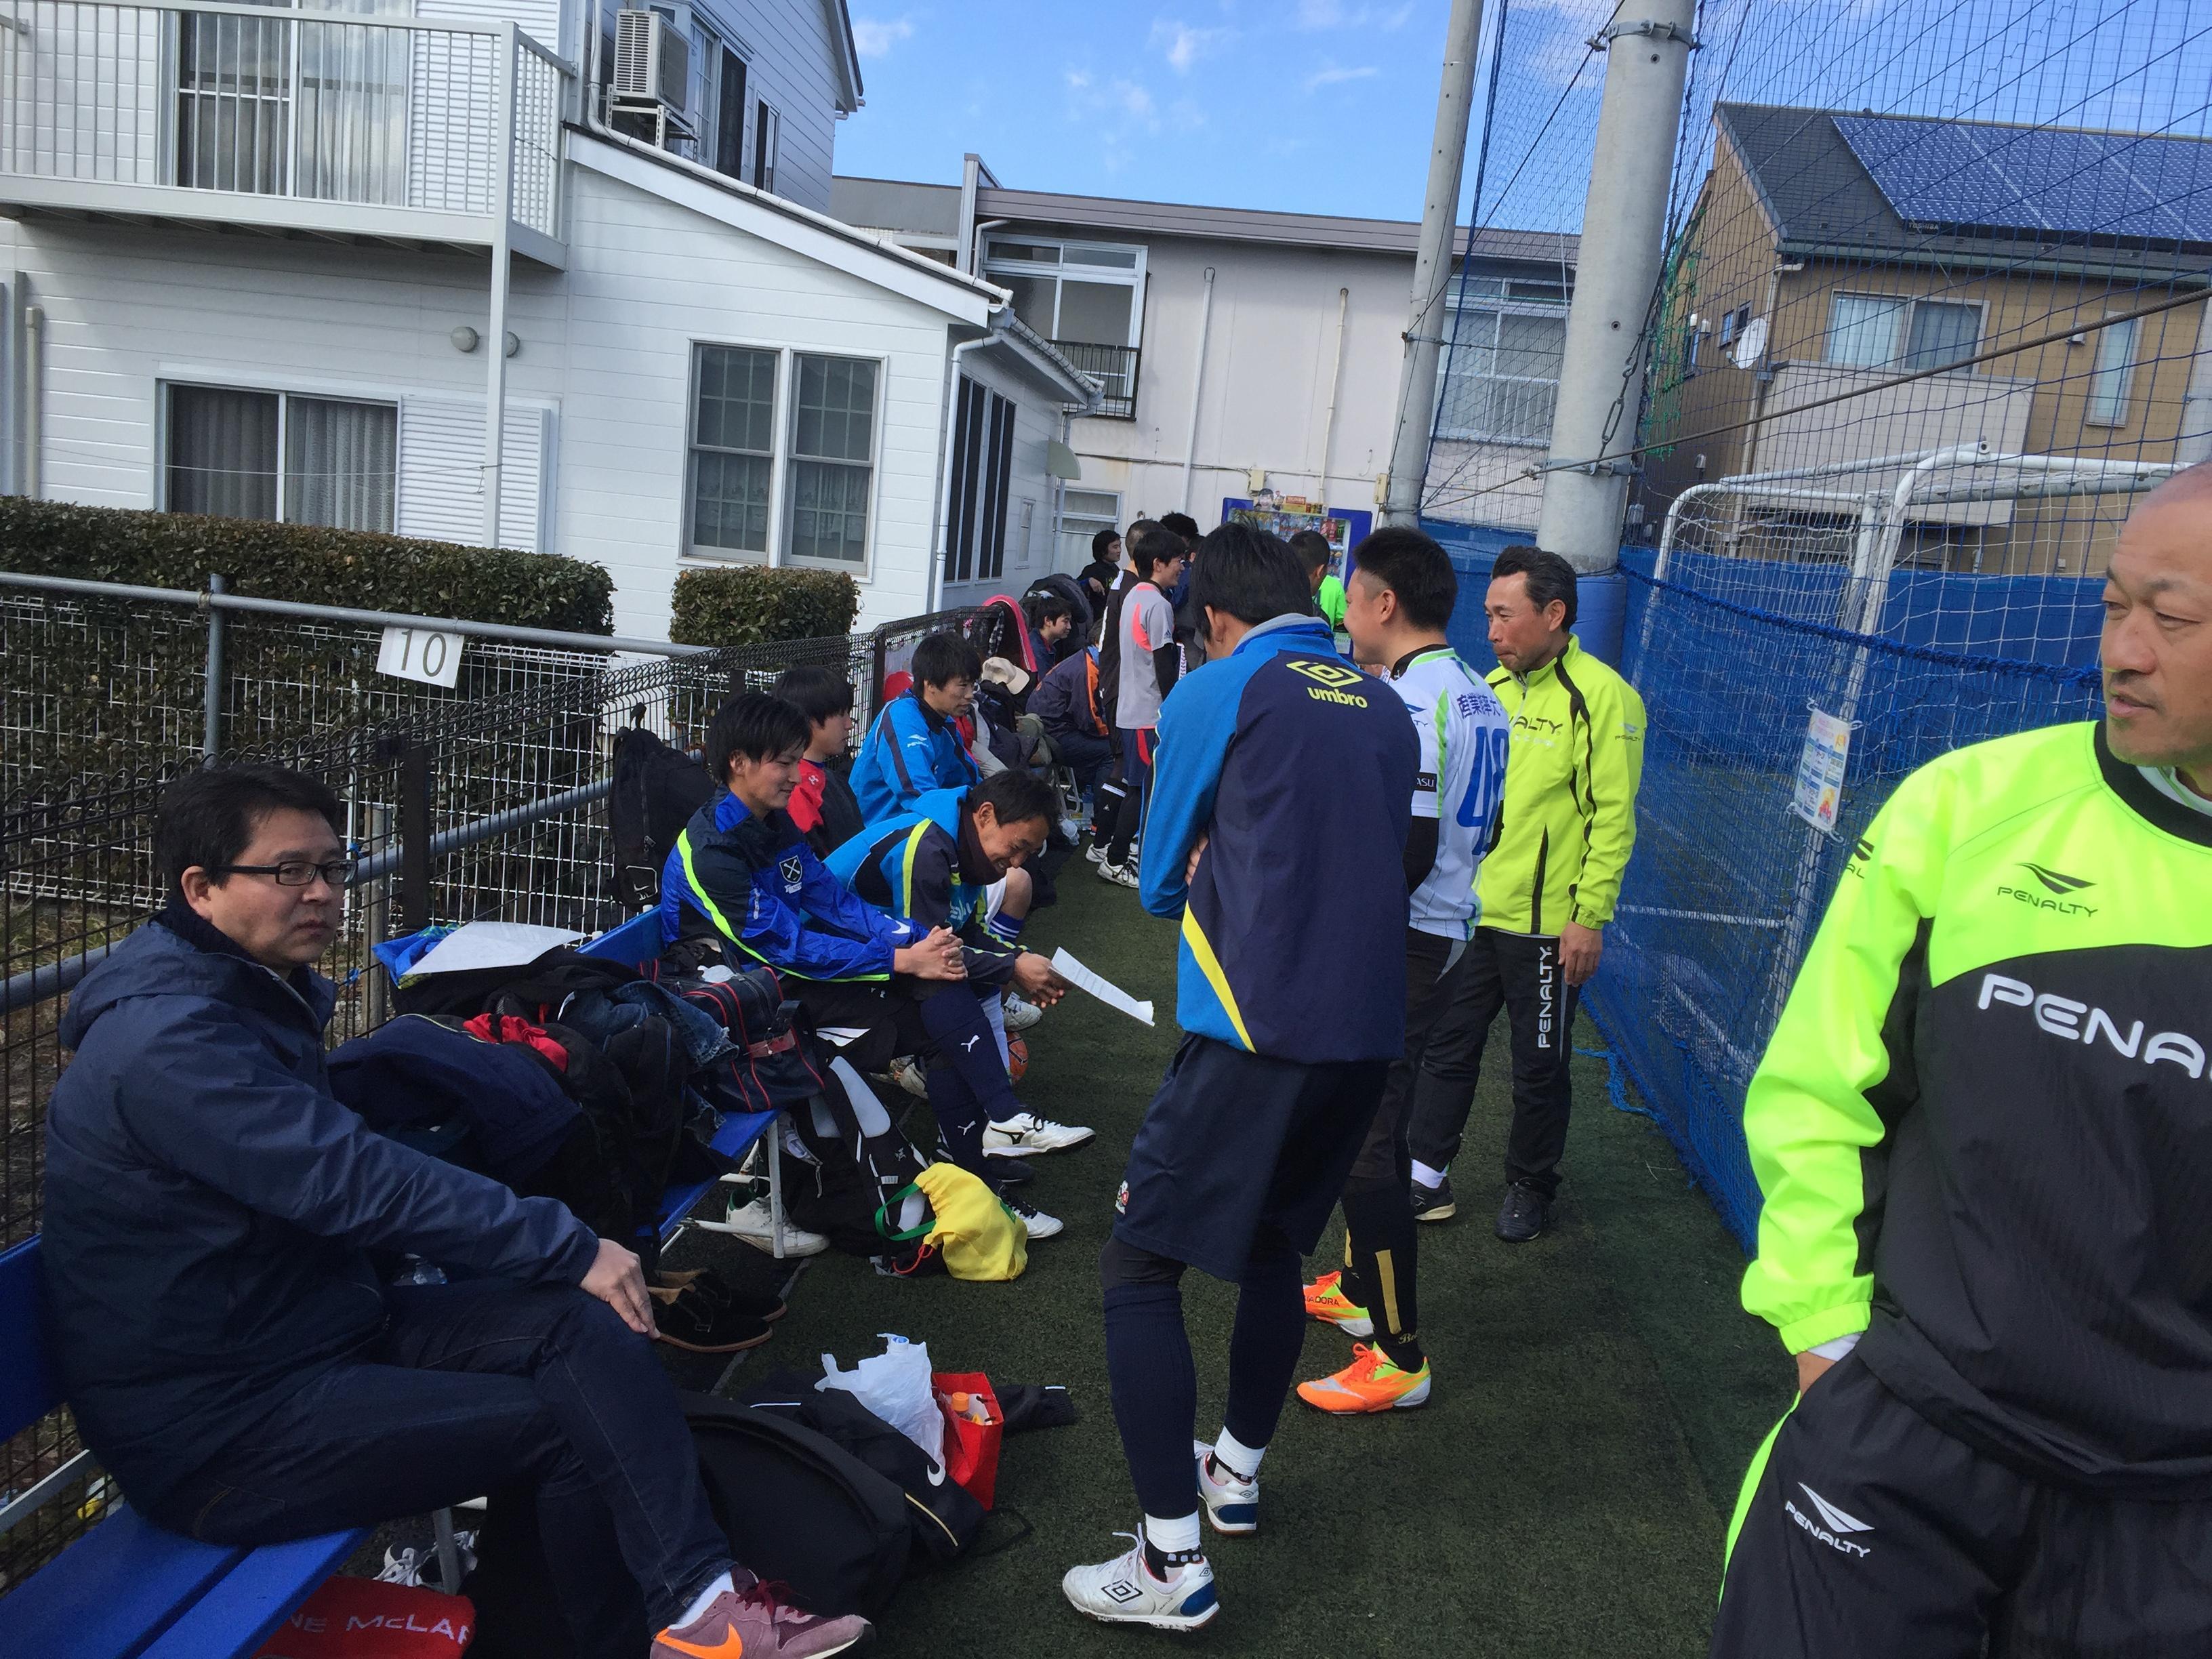 http://www.shonan-ls.co.jp/blog/landscape/img/IMG_2213.JPG